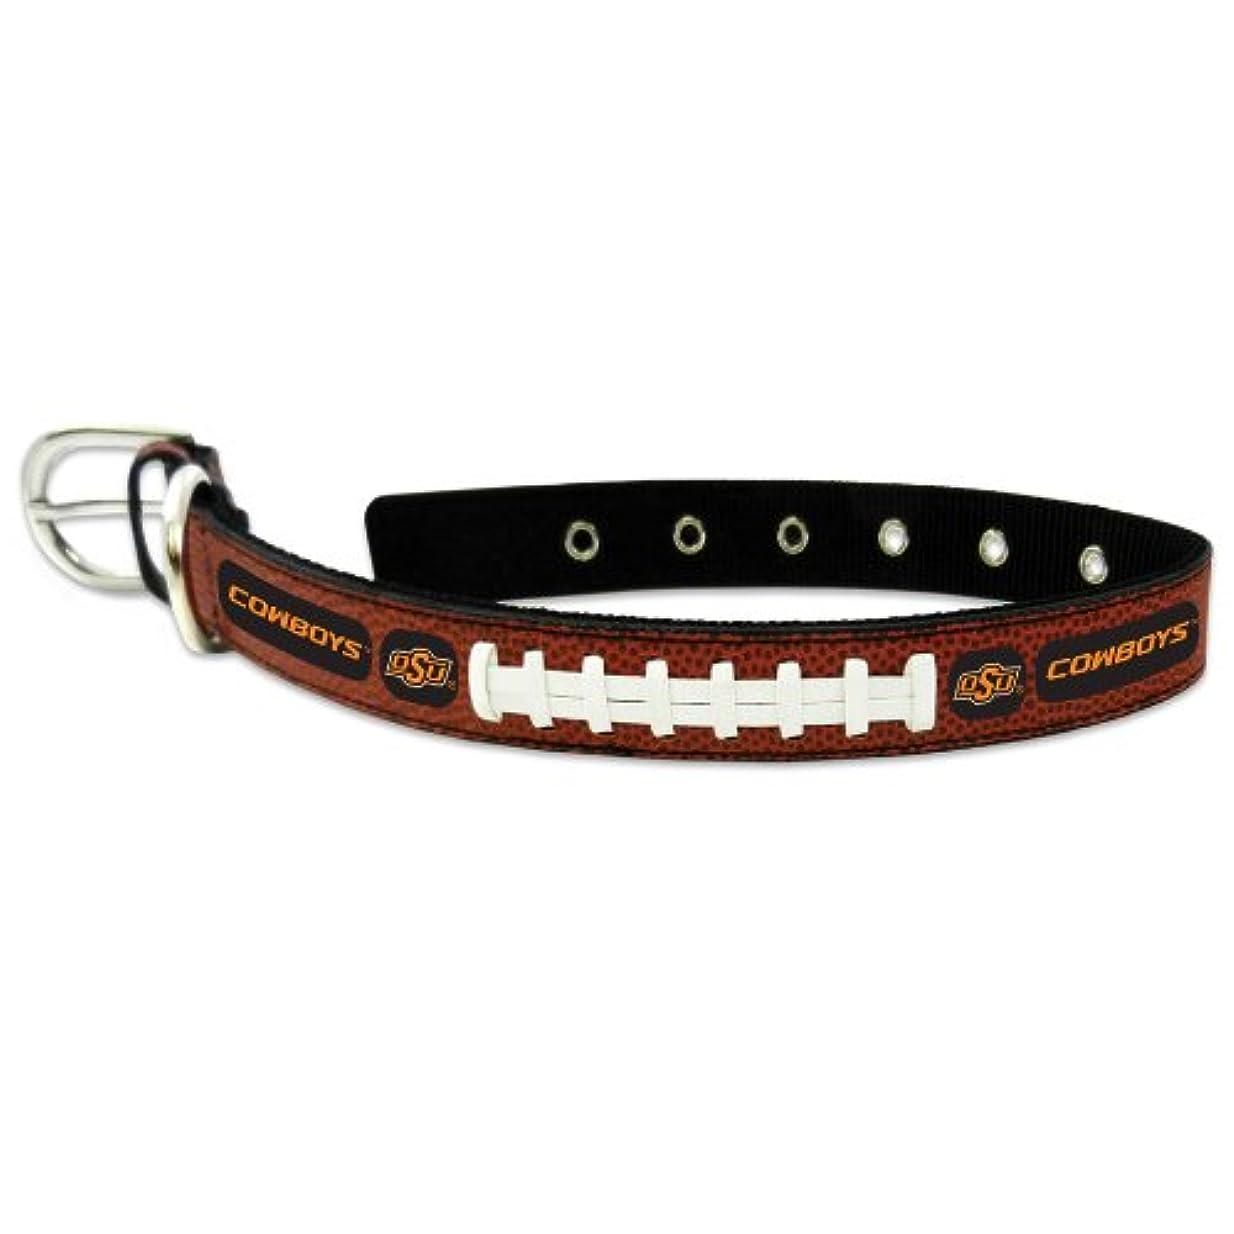 有毒学期を除くOklahoma State Cowboys Classic Leather Large Football Collar